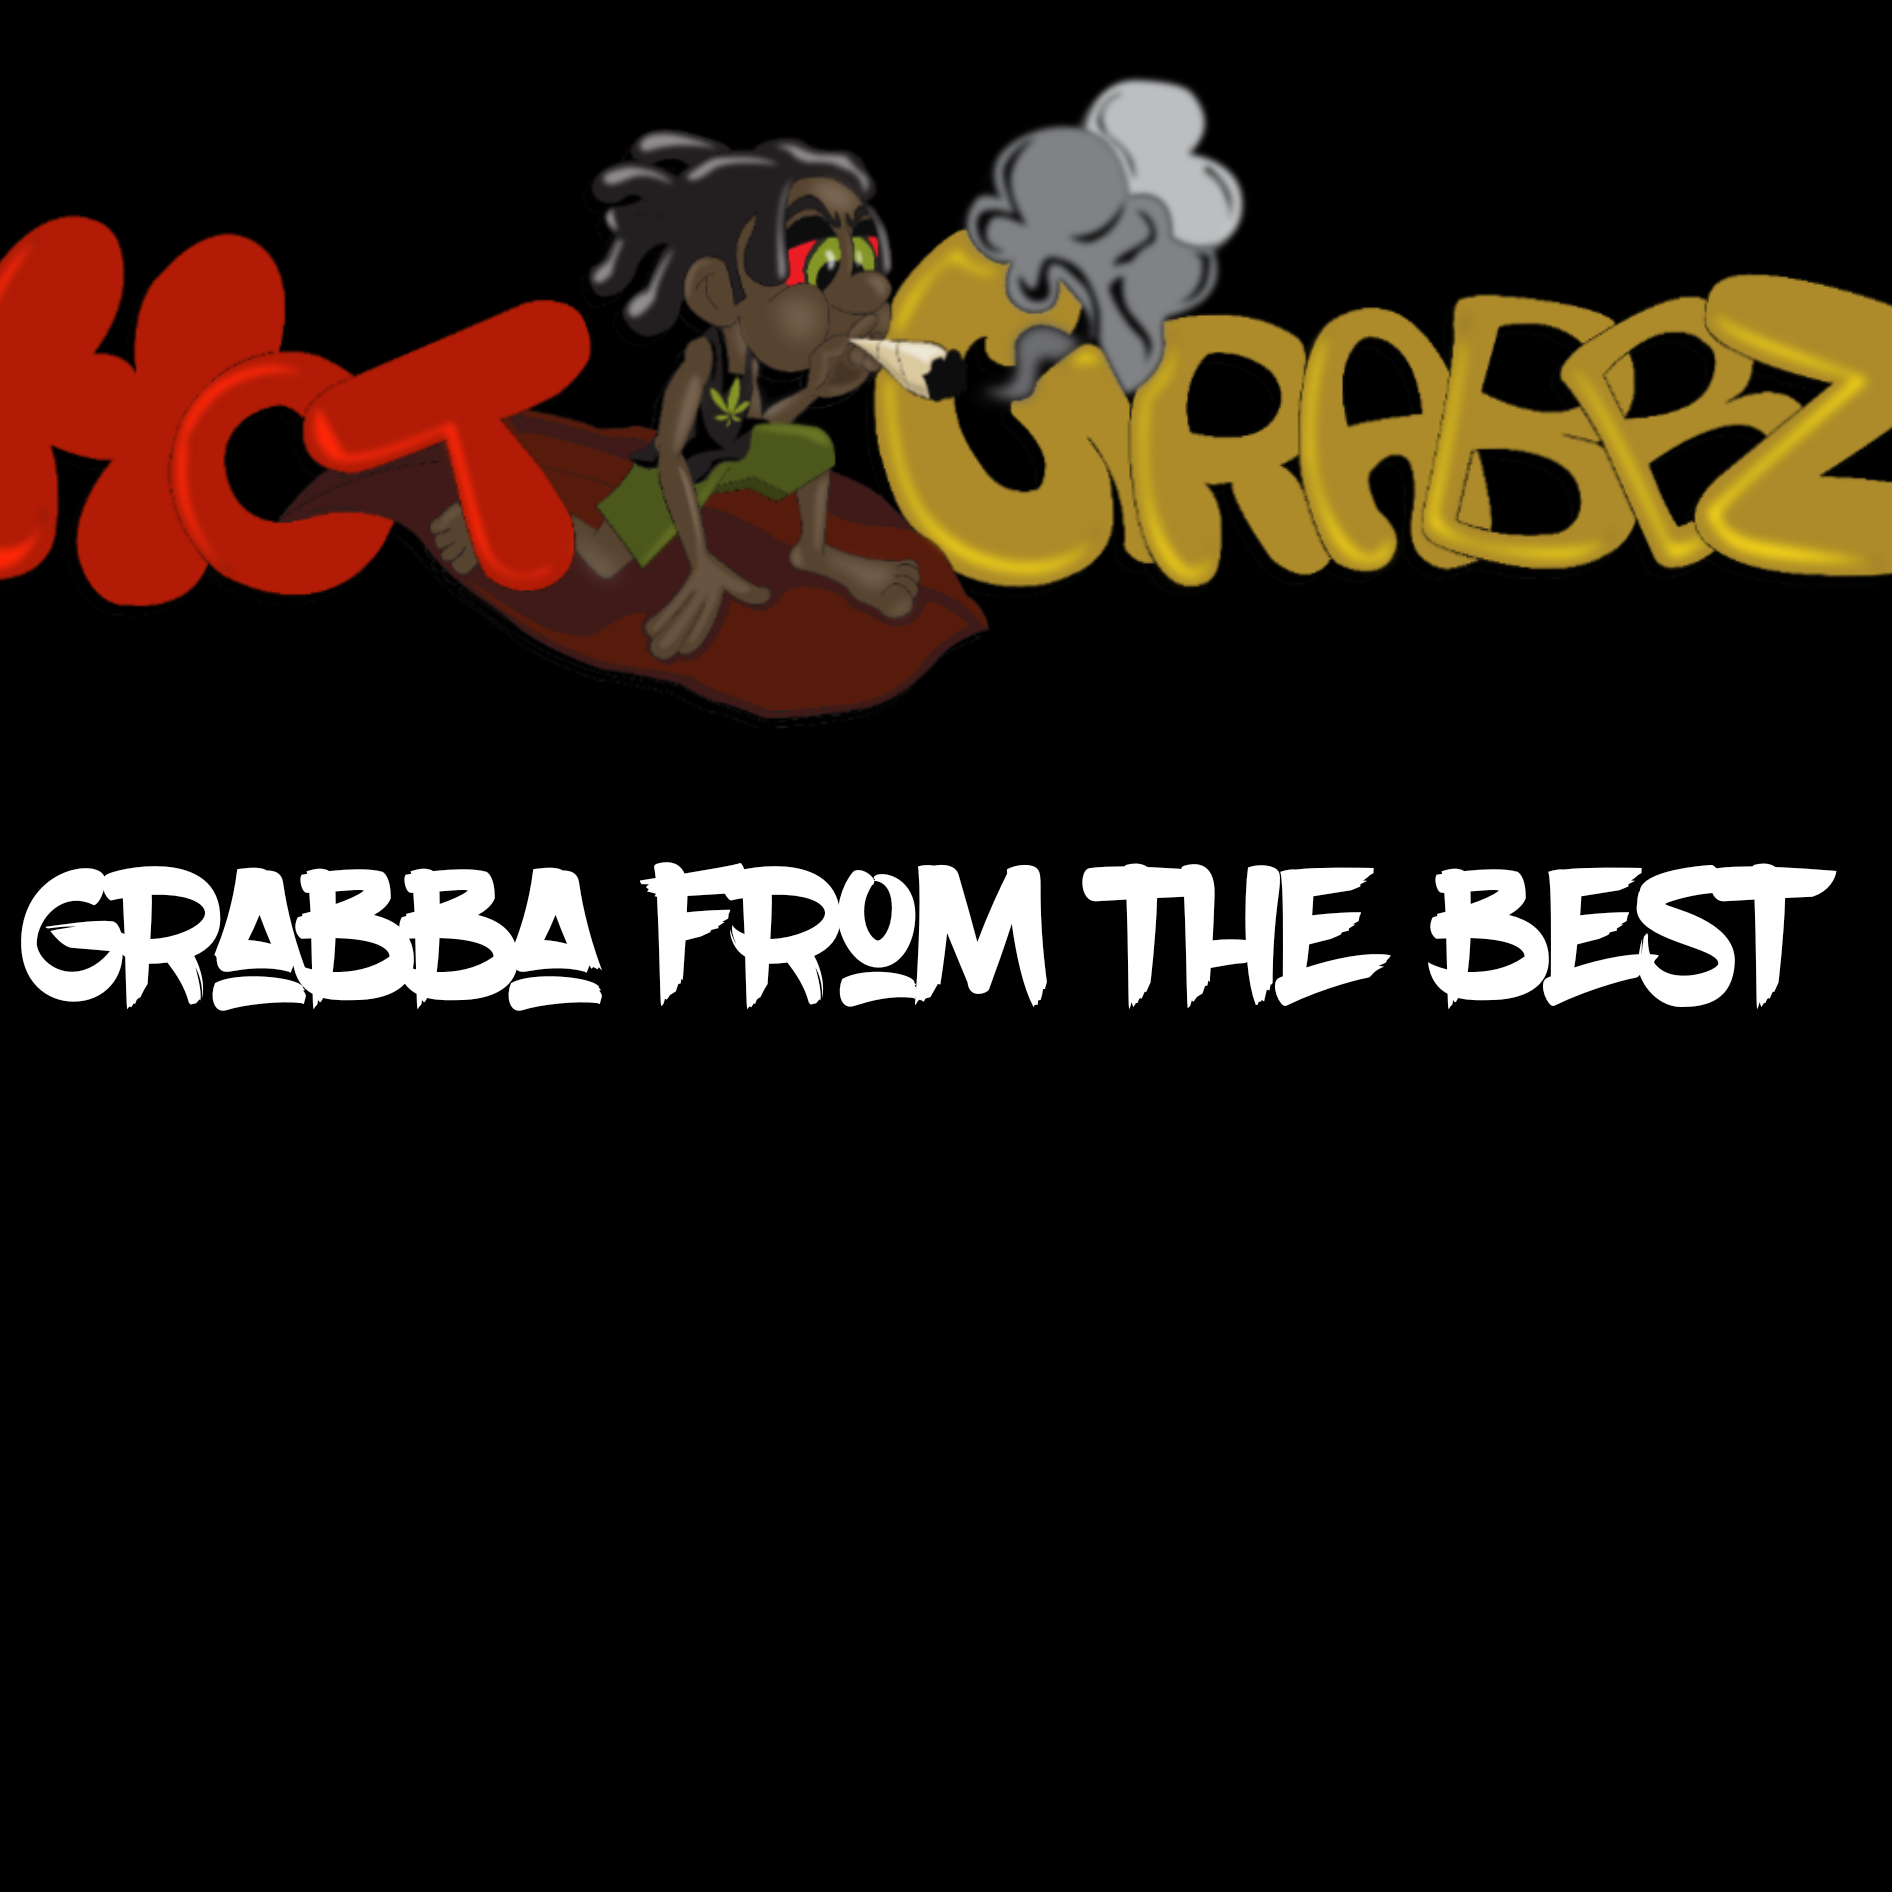 hotgrabbz logo